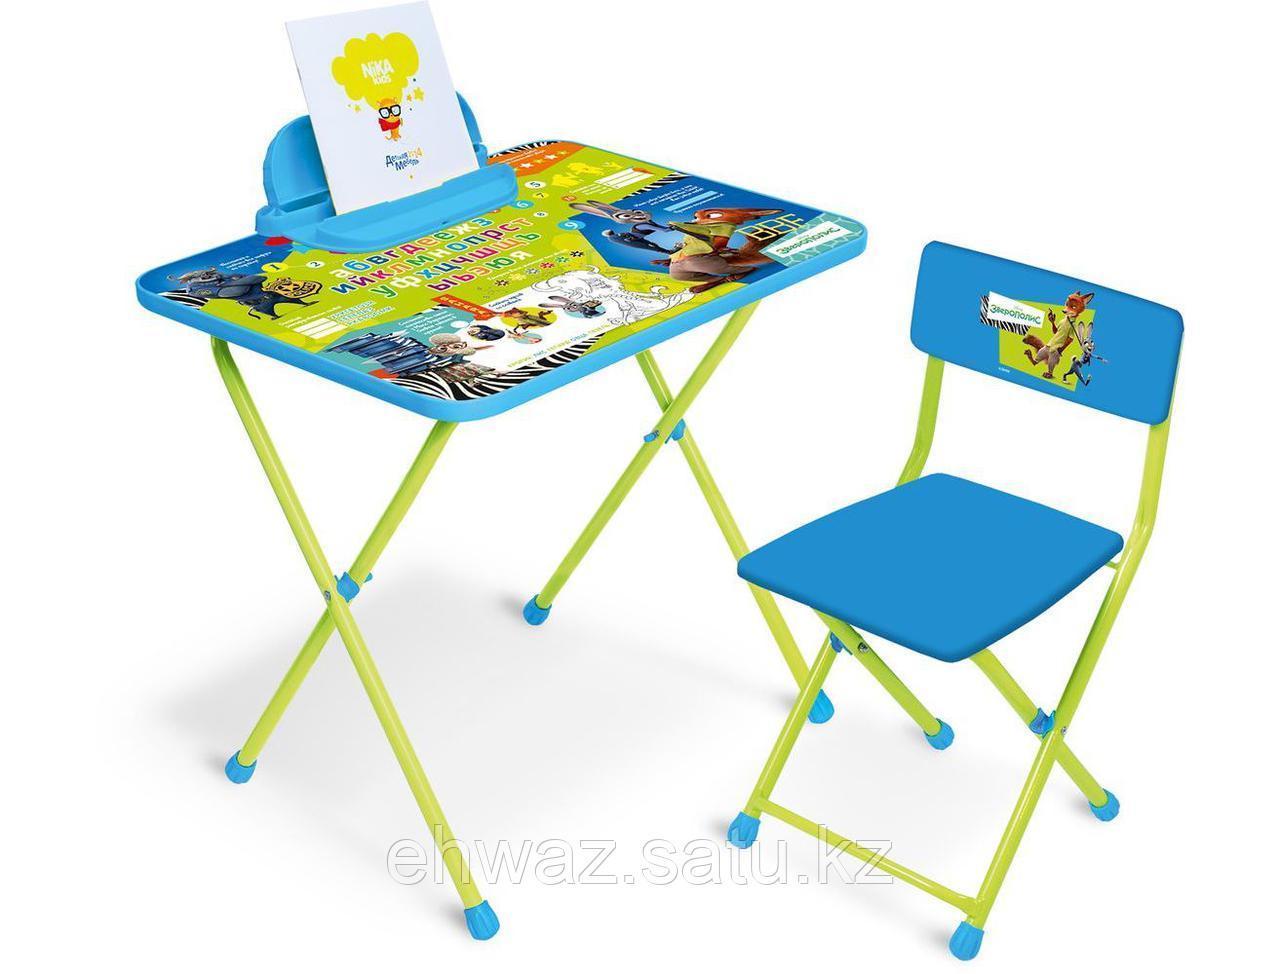 Набор детской мебели складной НИКА Д23 Зверополис